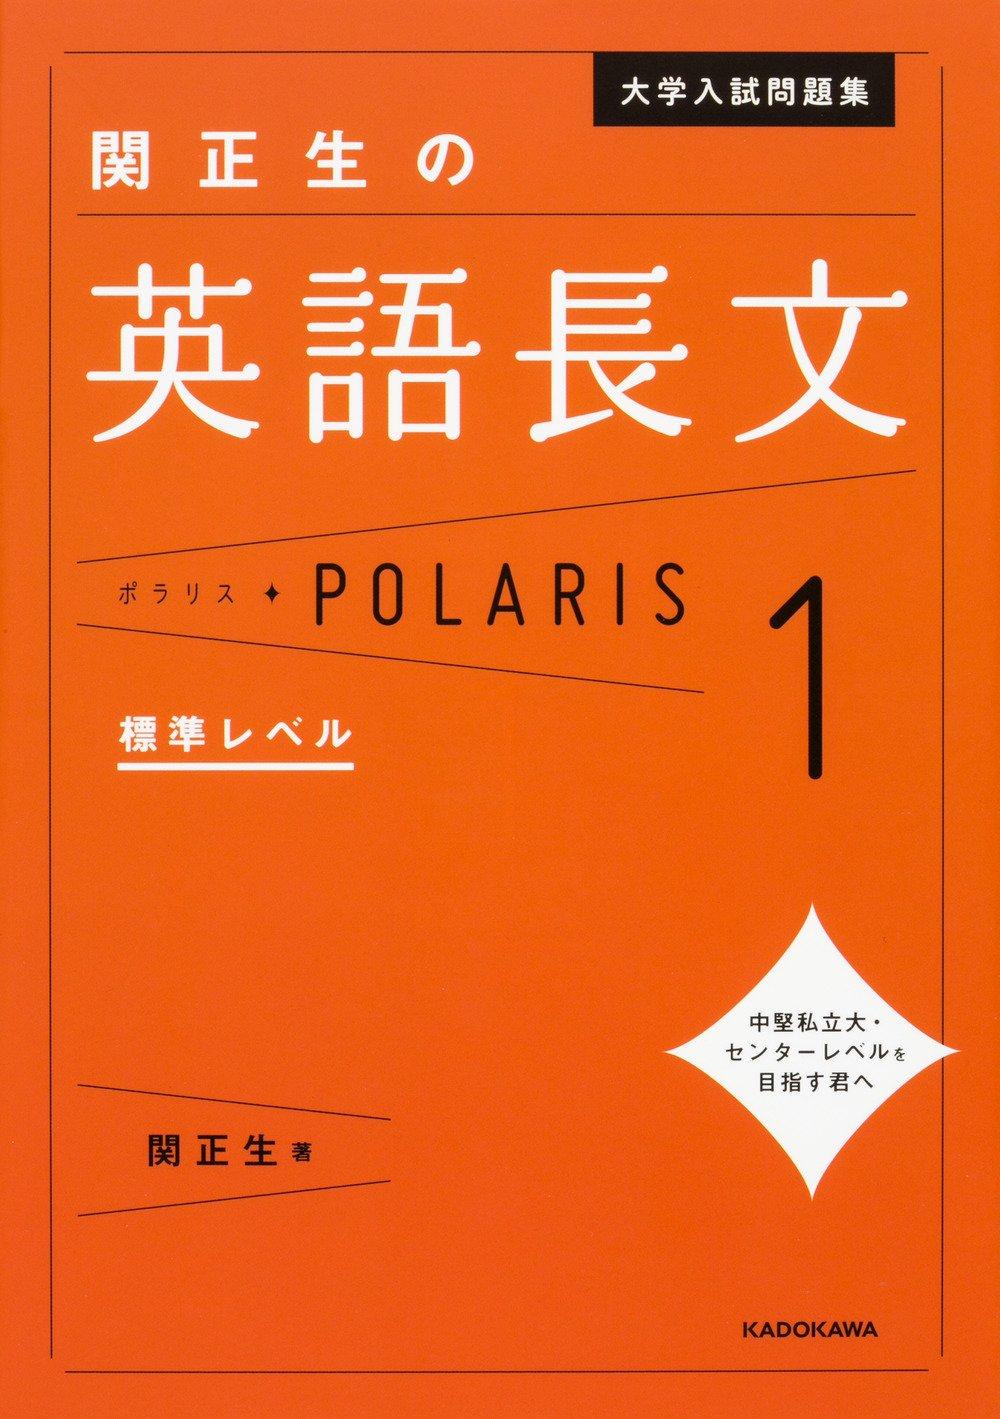 英語長文のおすすめ参考書・問題集『関正生の英語長文ポラリス』